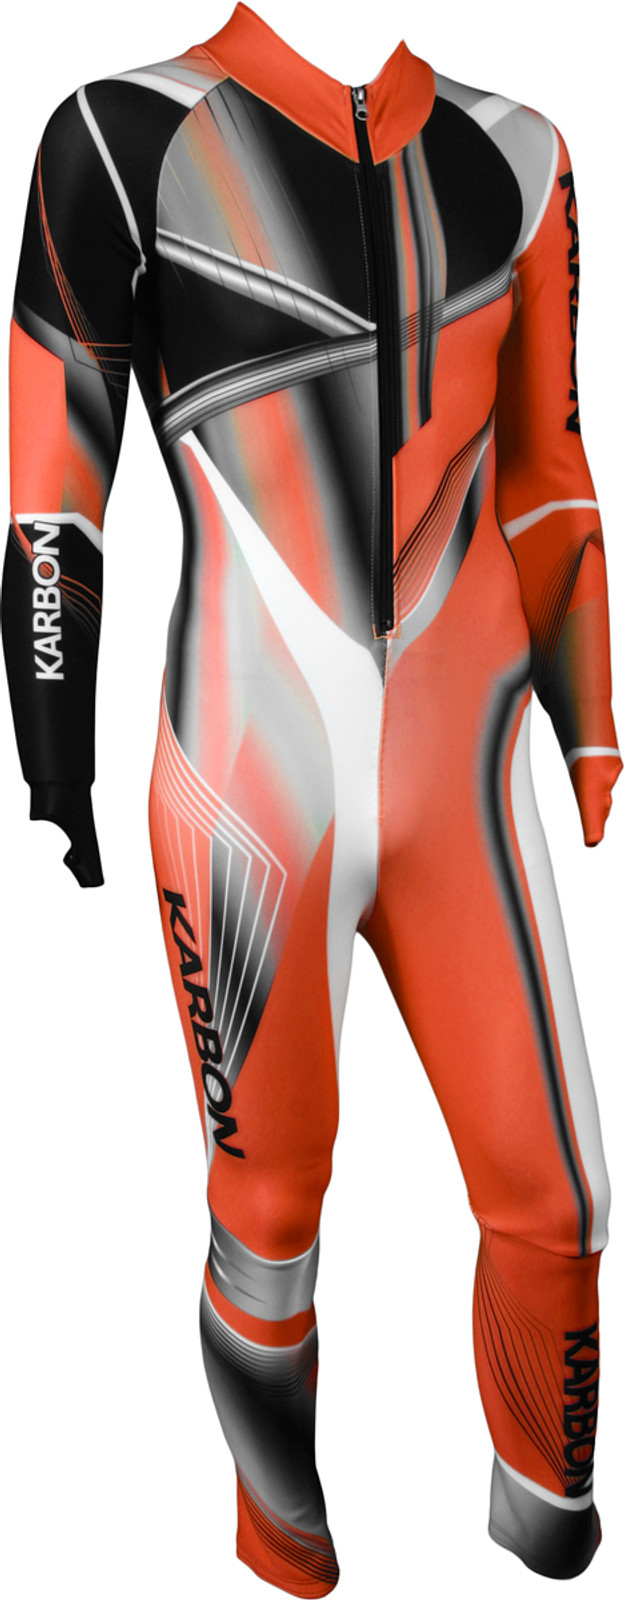 Karbon Imperial GS JUNIOR Race Suit 19'